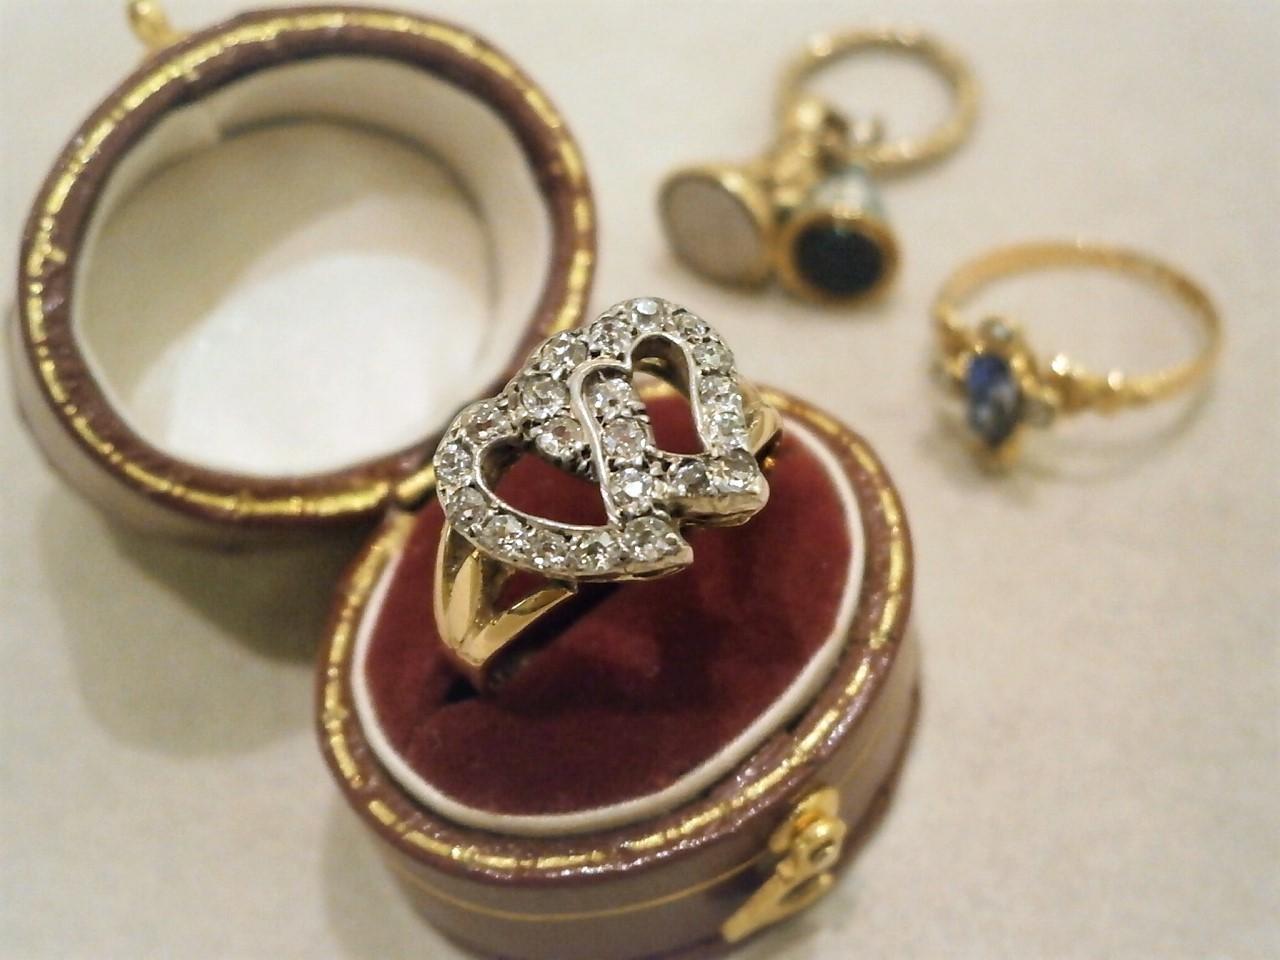 グッドウィル アンティーク ジュエリー ゴールド Sv ダイヤモンドリング 指輪 装飾品